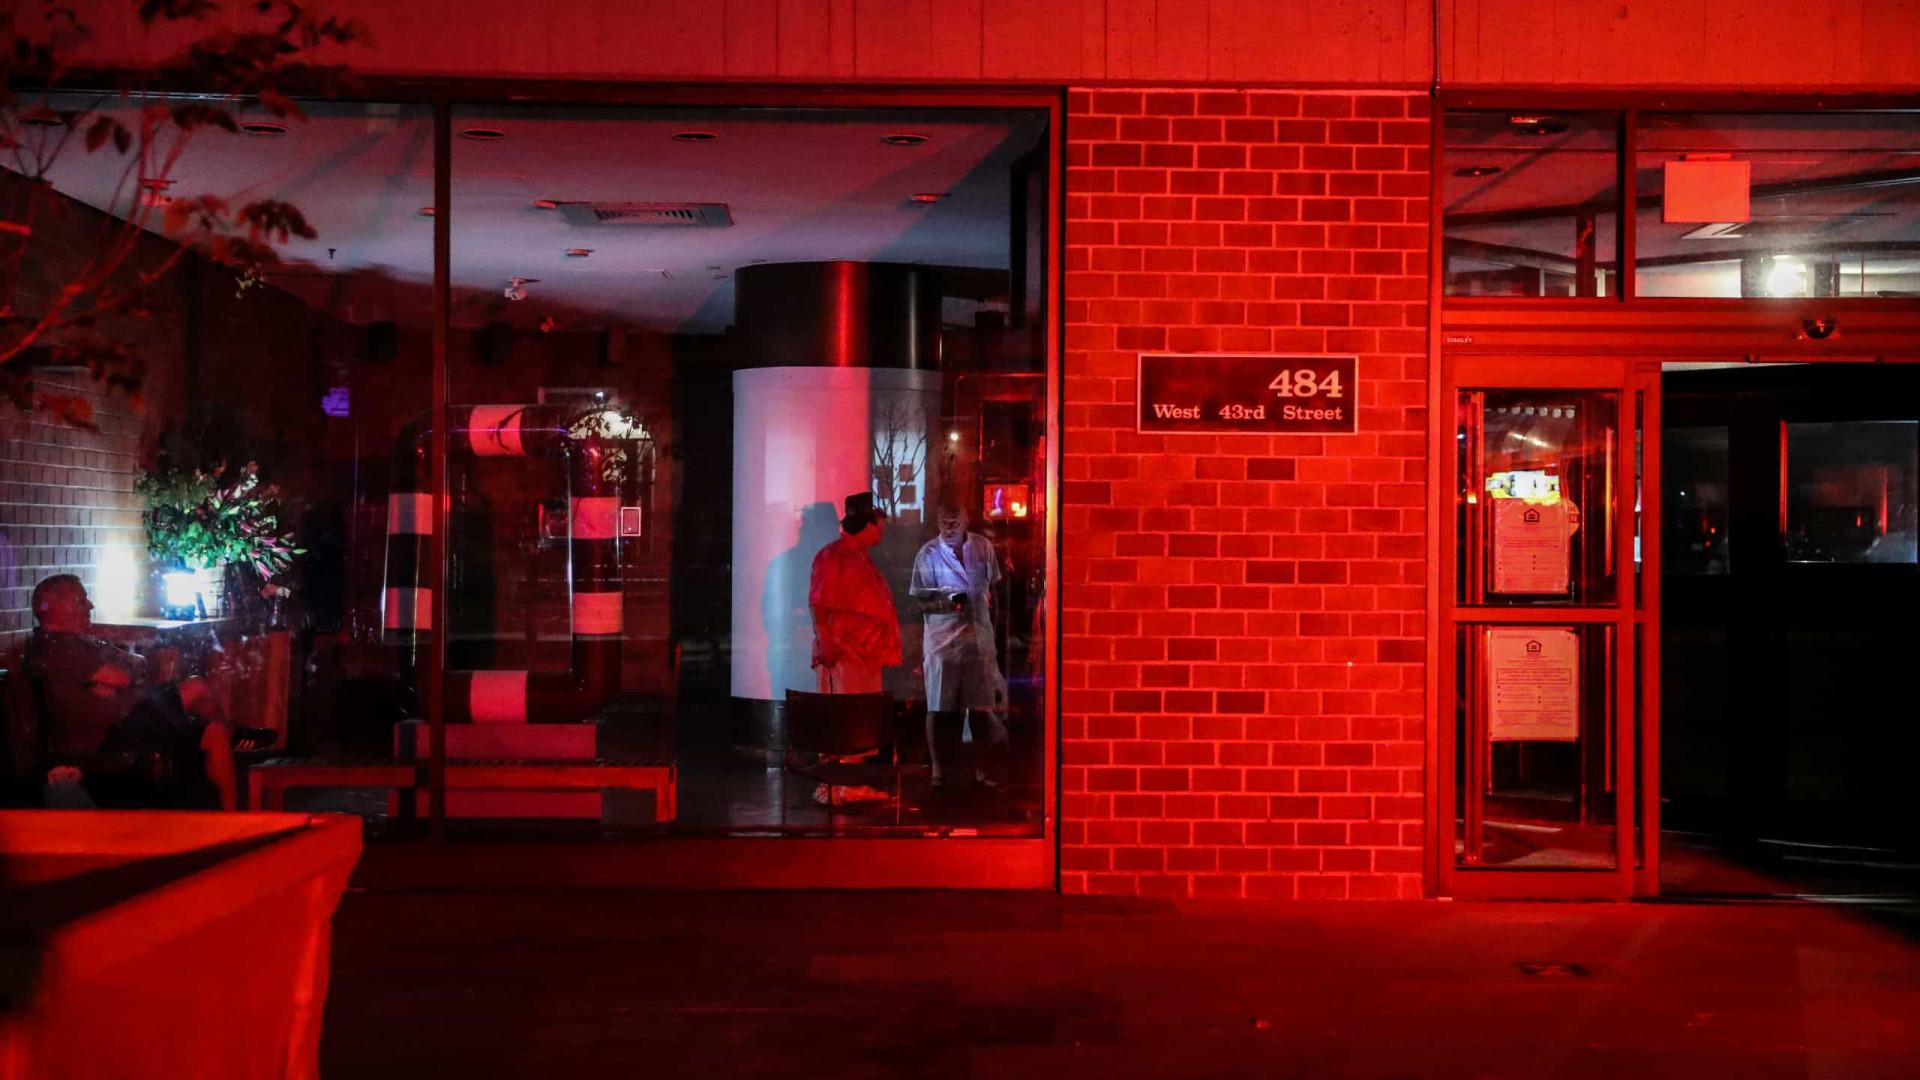 Fornecimento de energia restaurado em Nova Iorque após 5 horas de apagão